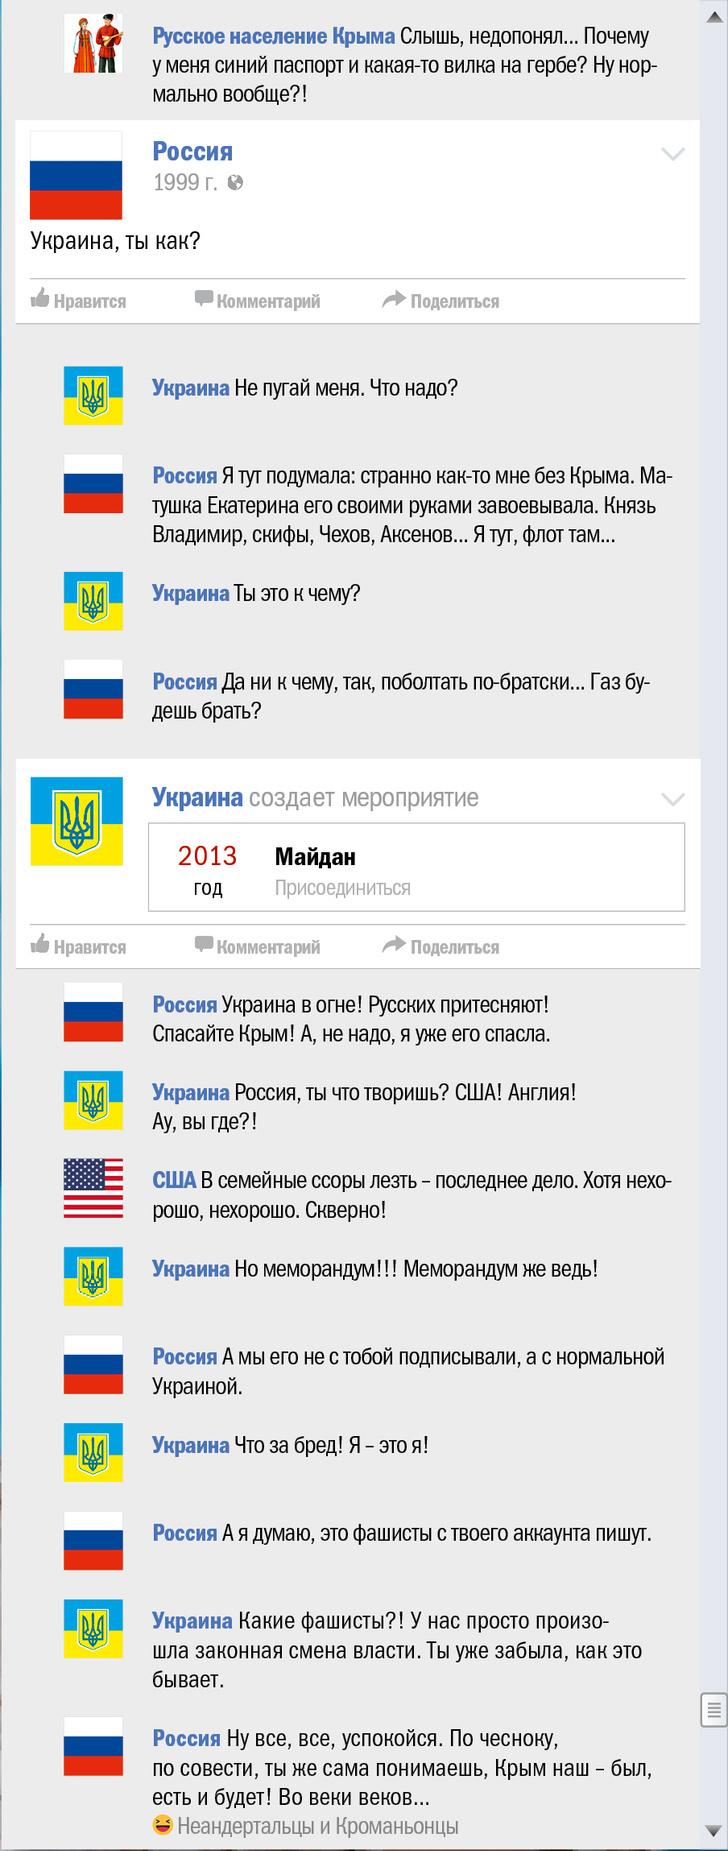 Фото №13 - Крым чей? Правдивая история Крыма в виде ленты «Фейсбука»